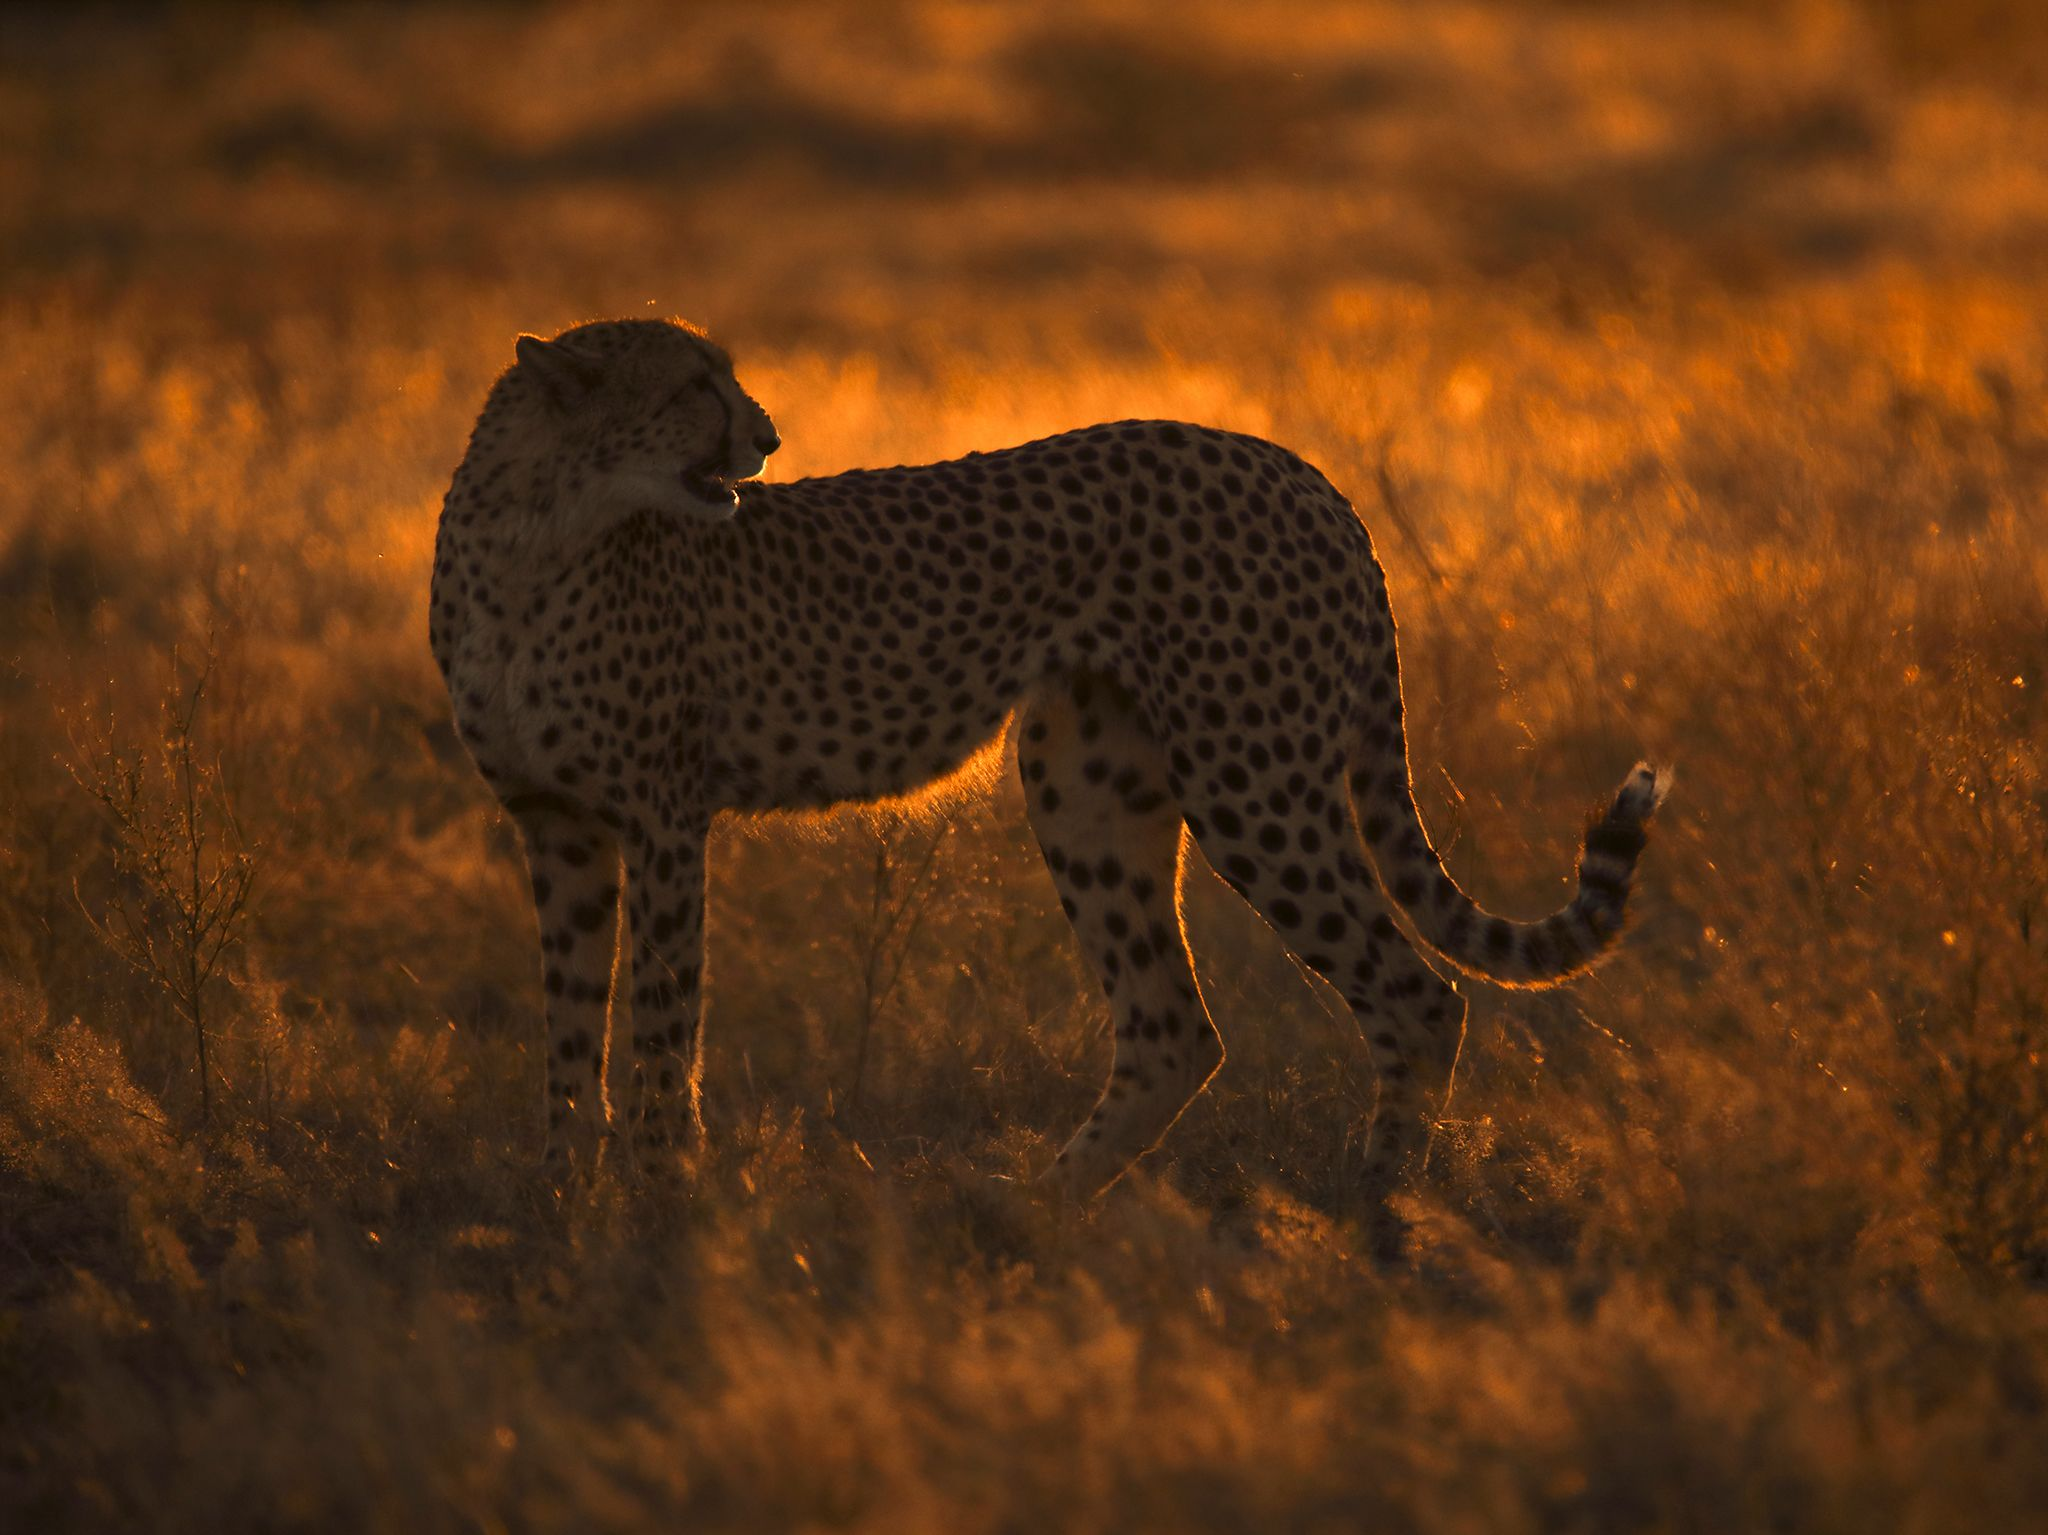 دلتا أوكافانغو، بوتسوانا:  أنثى الفهد الصياد، يظهر... [Photo of the day - يونيو 2020]